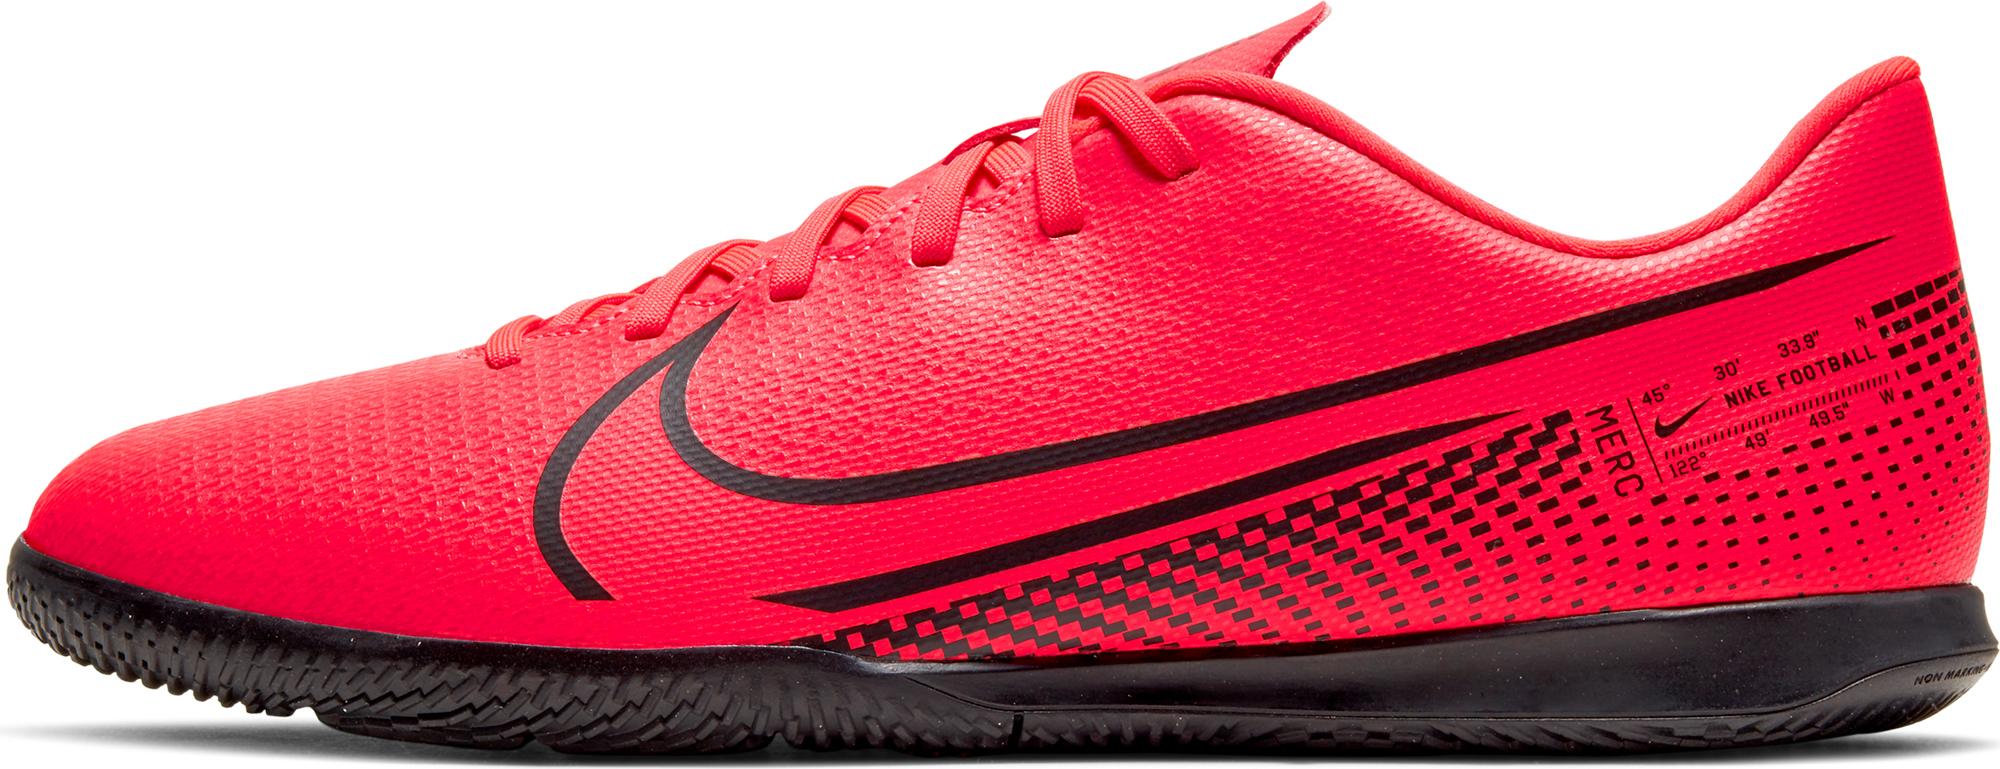 Nike Бутсы мужские Nike Mercurial Vapor 13 Club IC, размер 40 nike сумка nike vapor jet drum